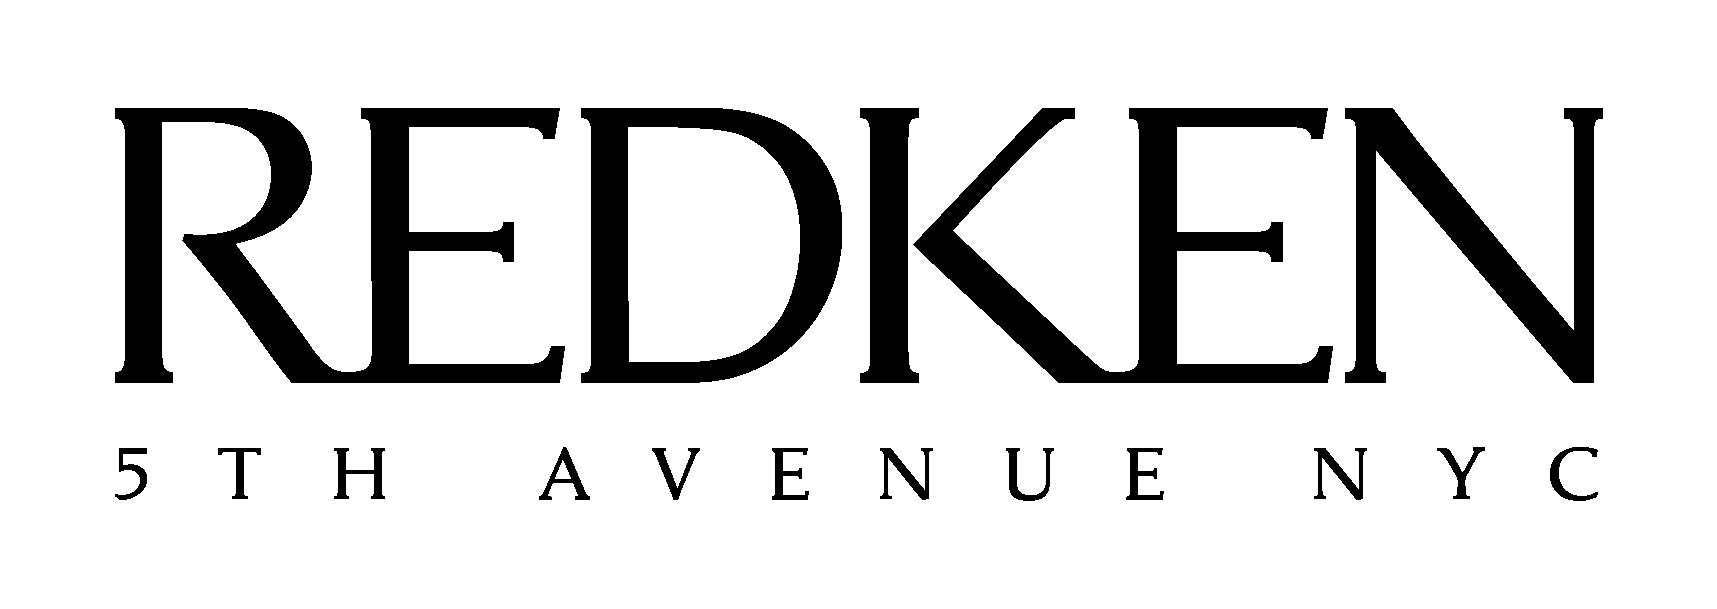 Redken - Wikipedia